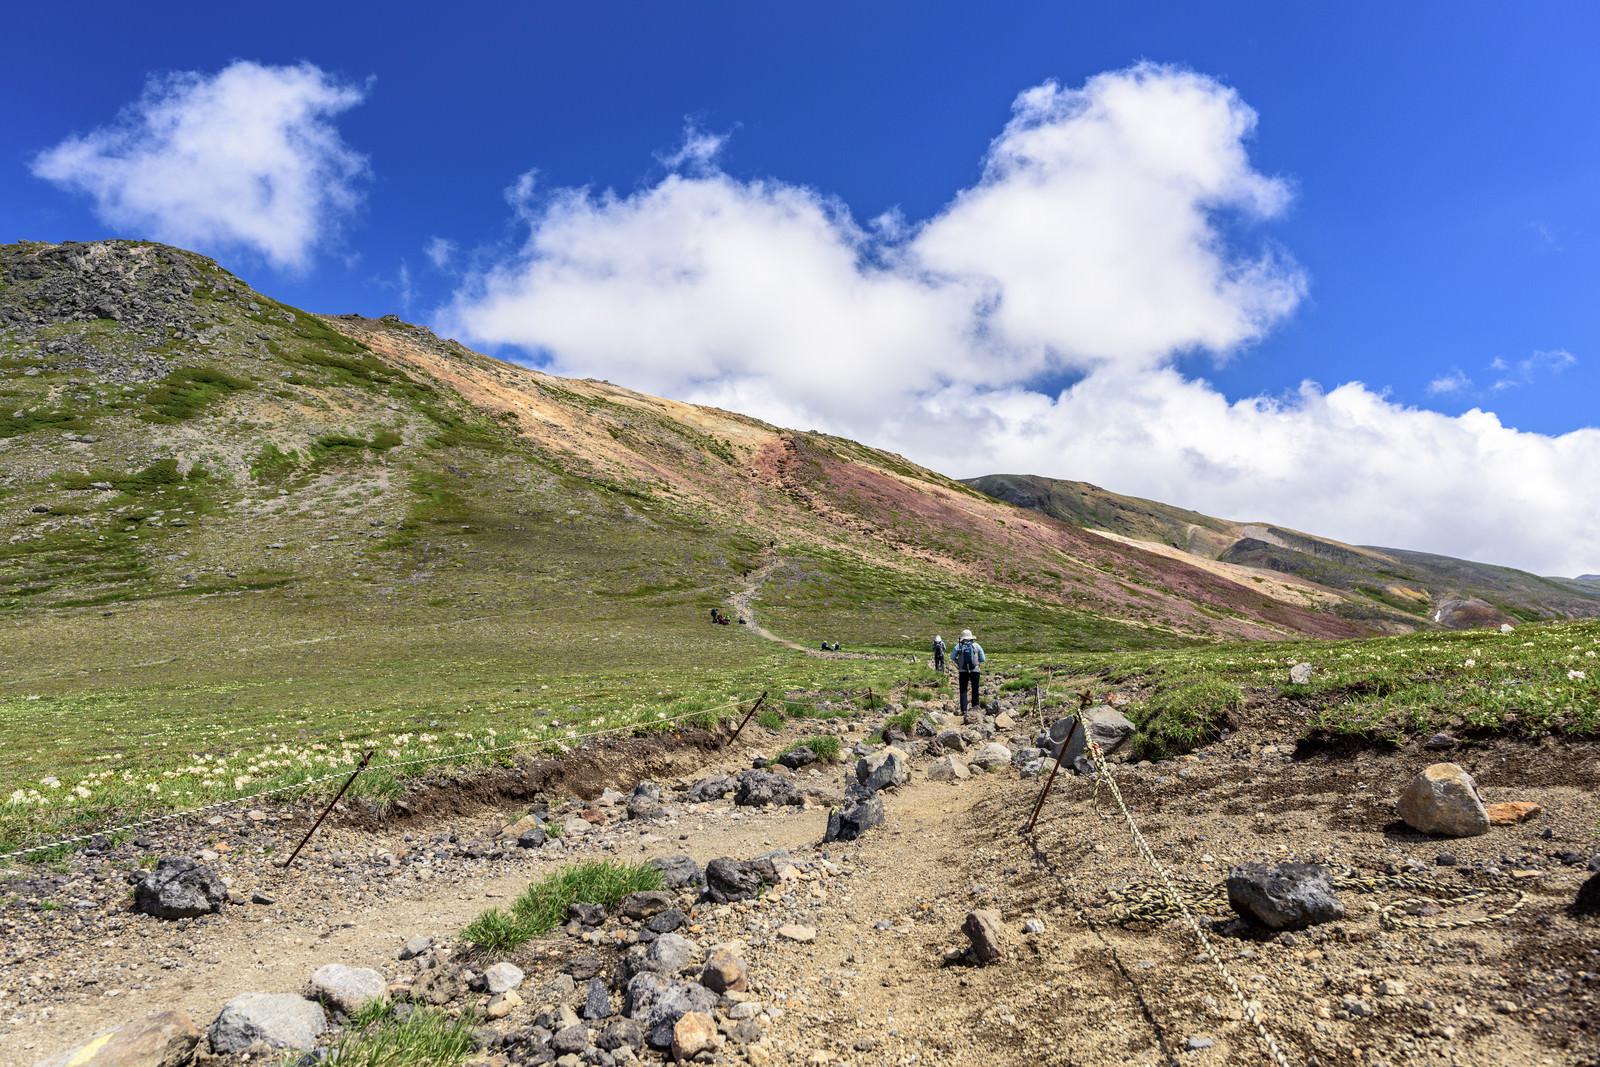 「大雪山の登山道を歩く登山者」の写真